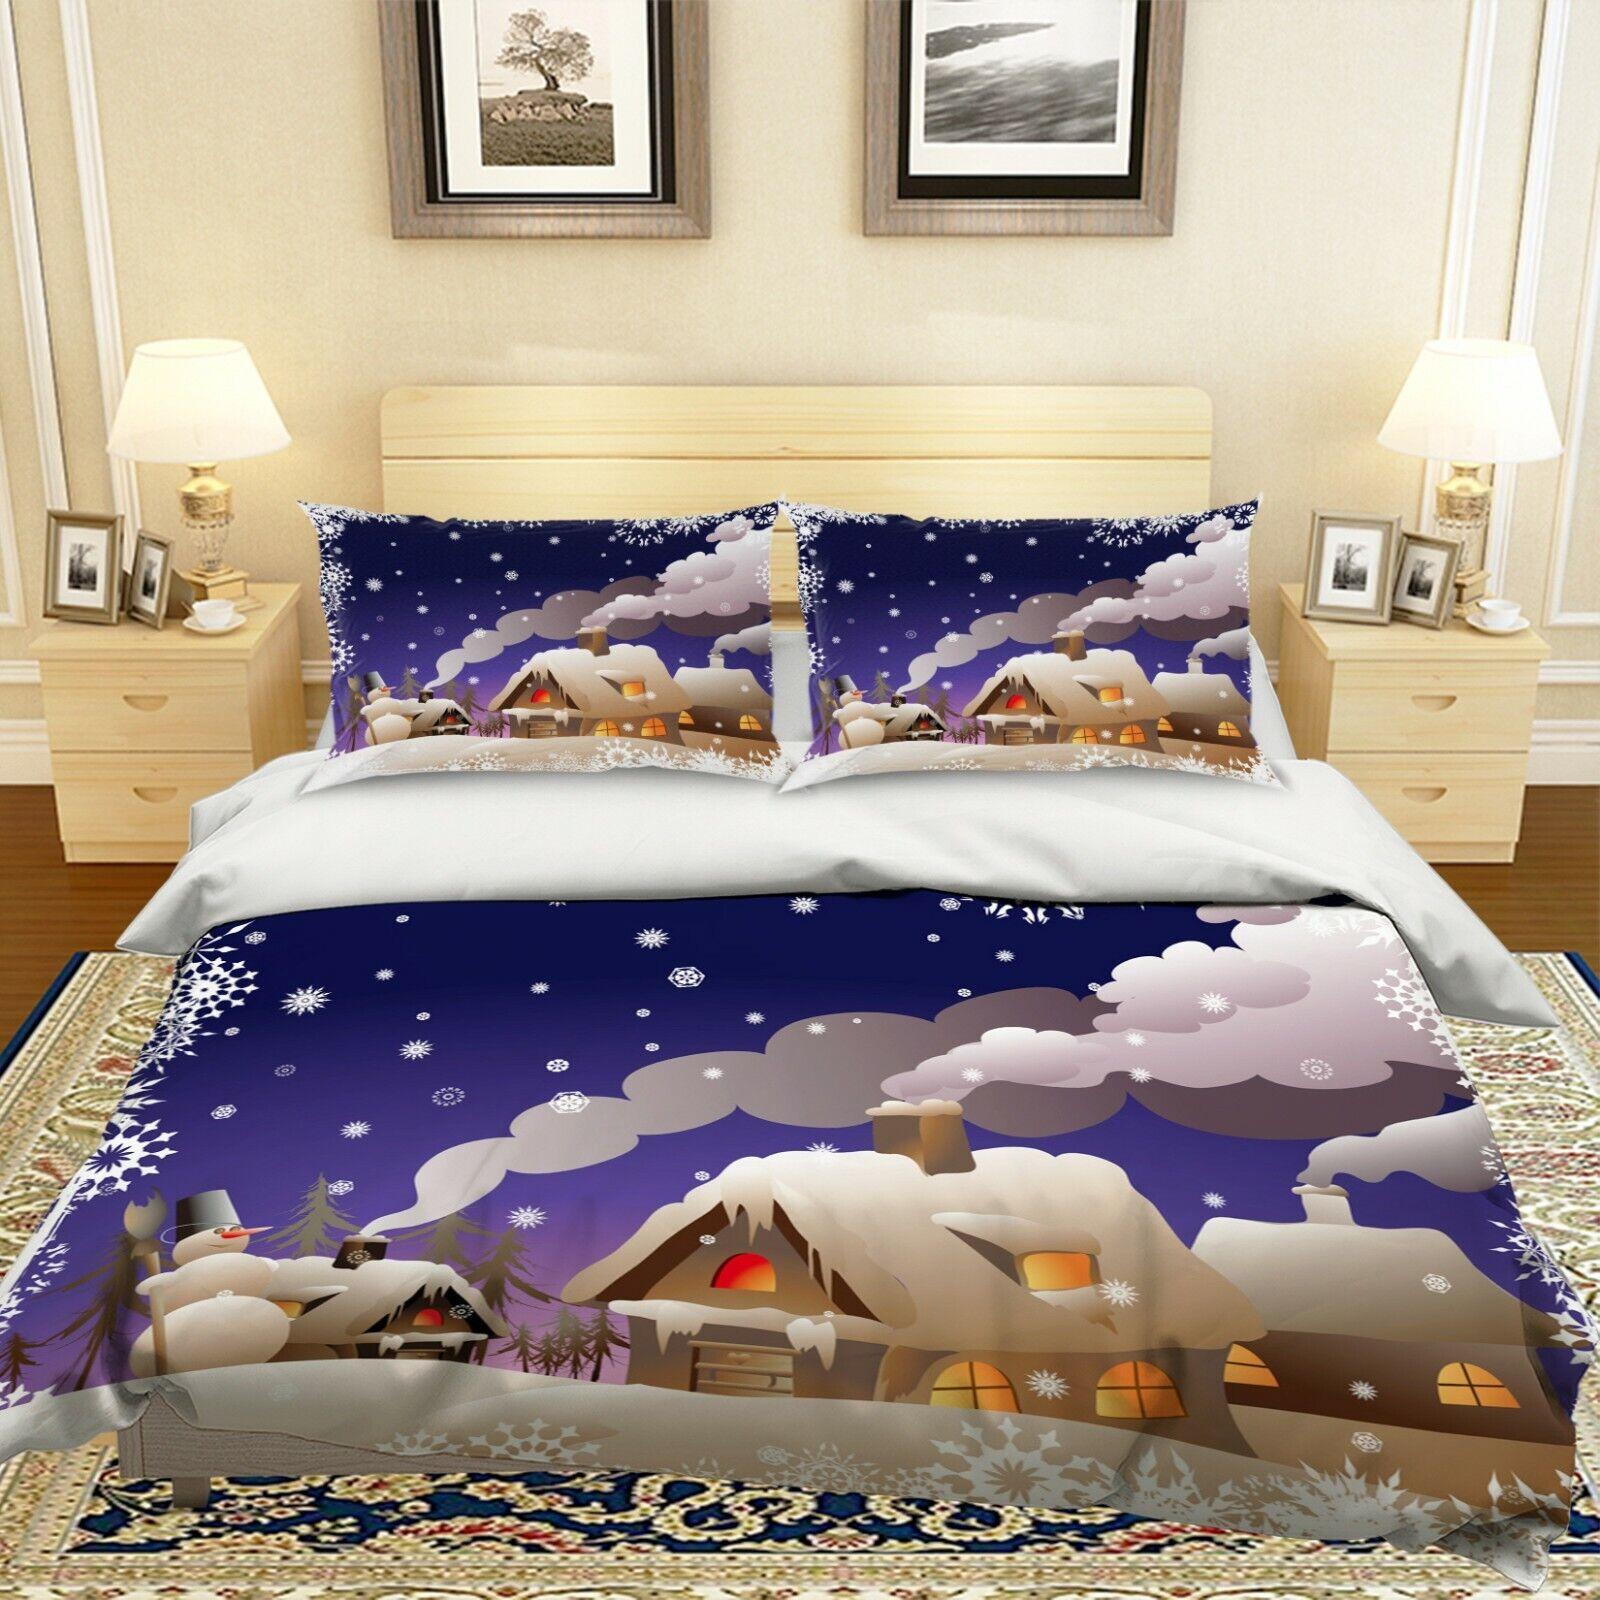 3D Schneehaus Schneemann C70 Christmas Bett Kissenbezüge Quilt Bettdecke Zoe